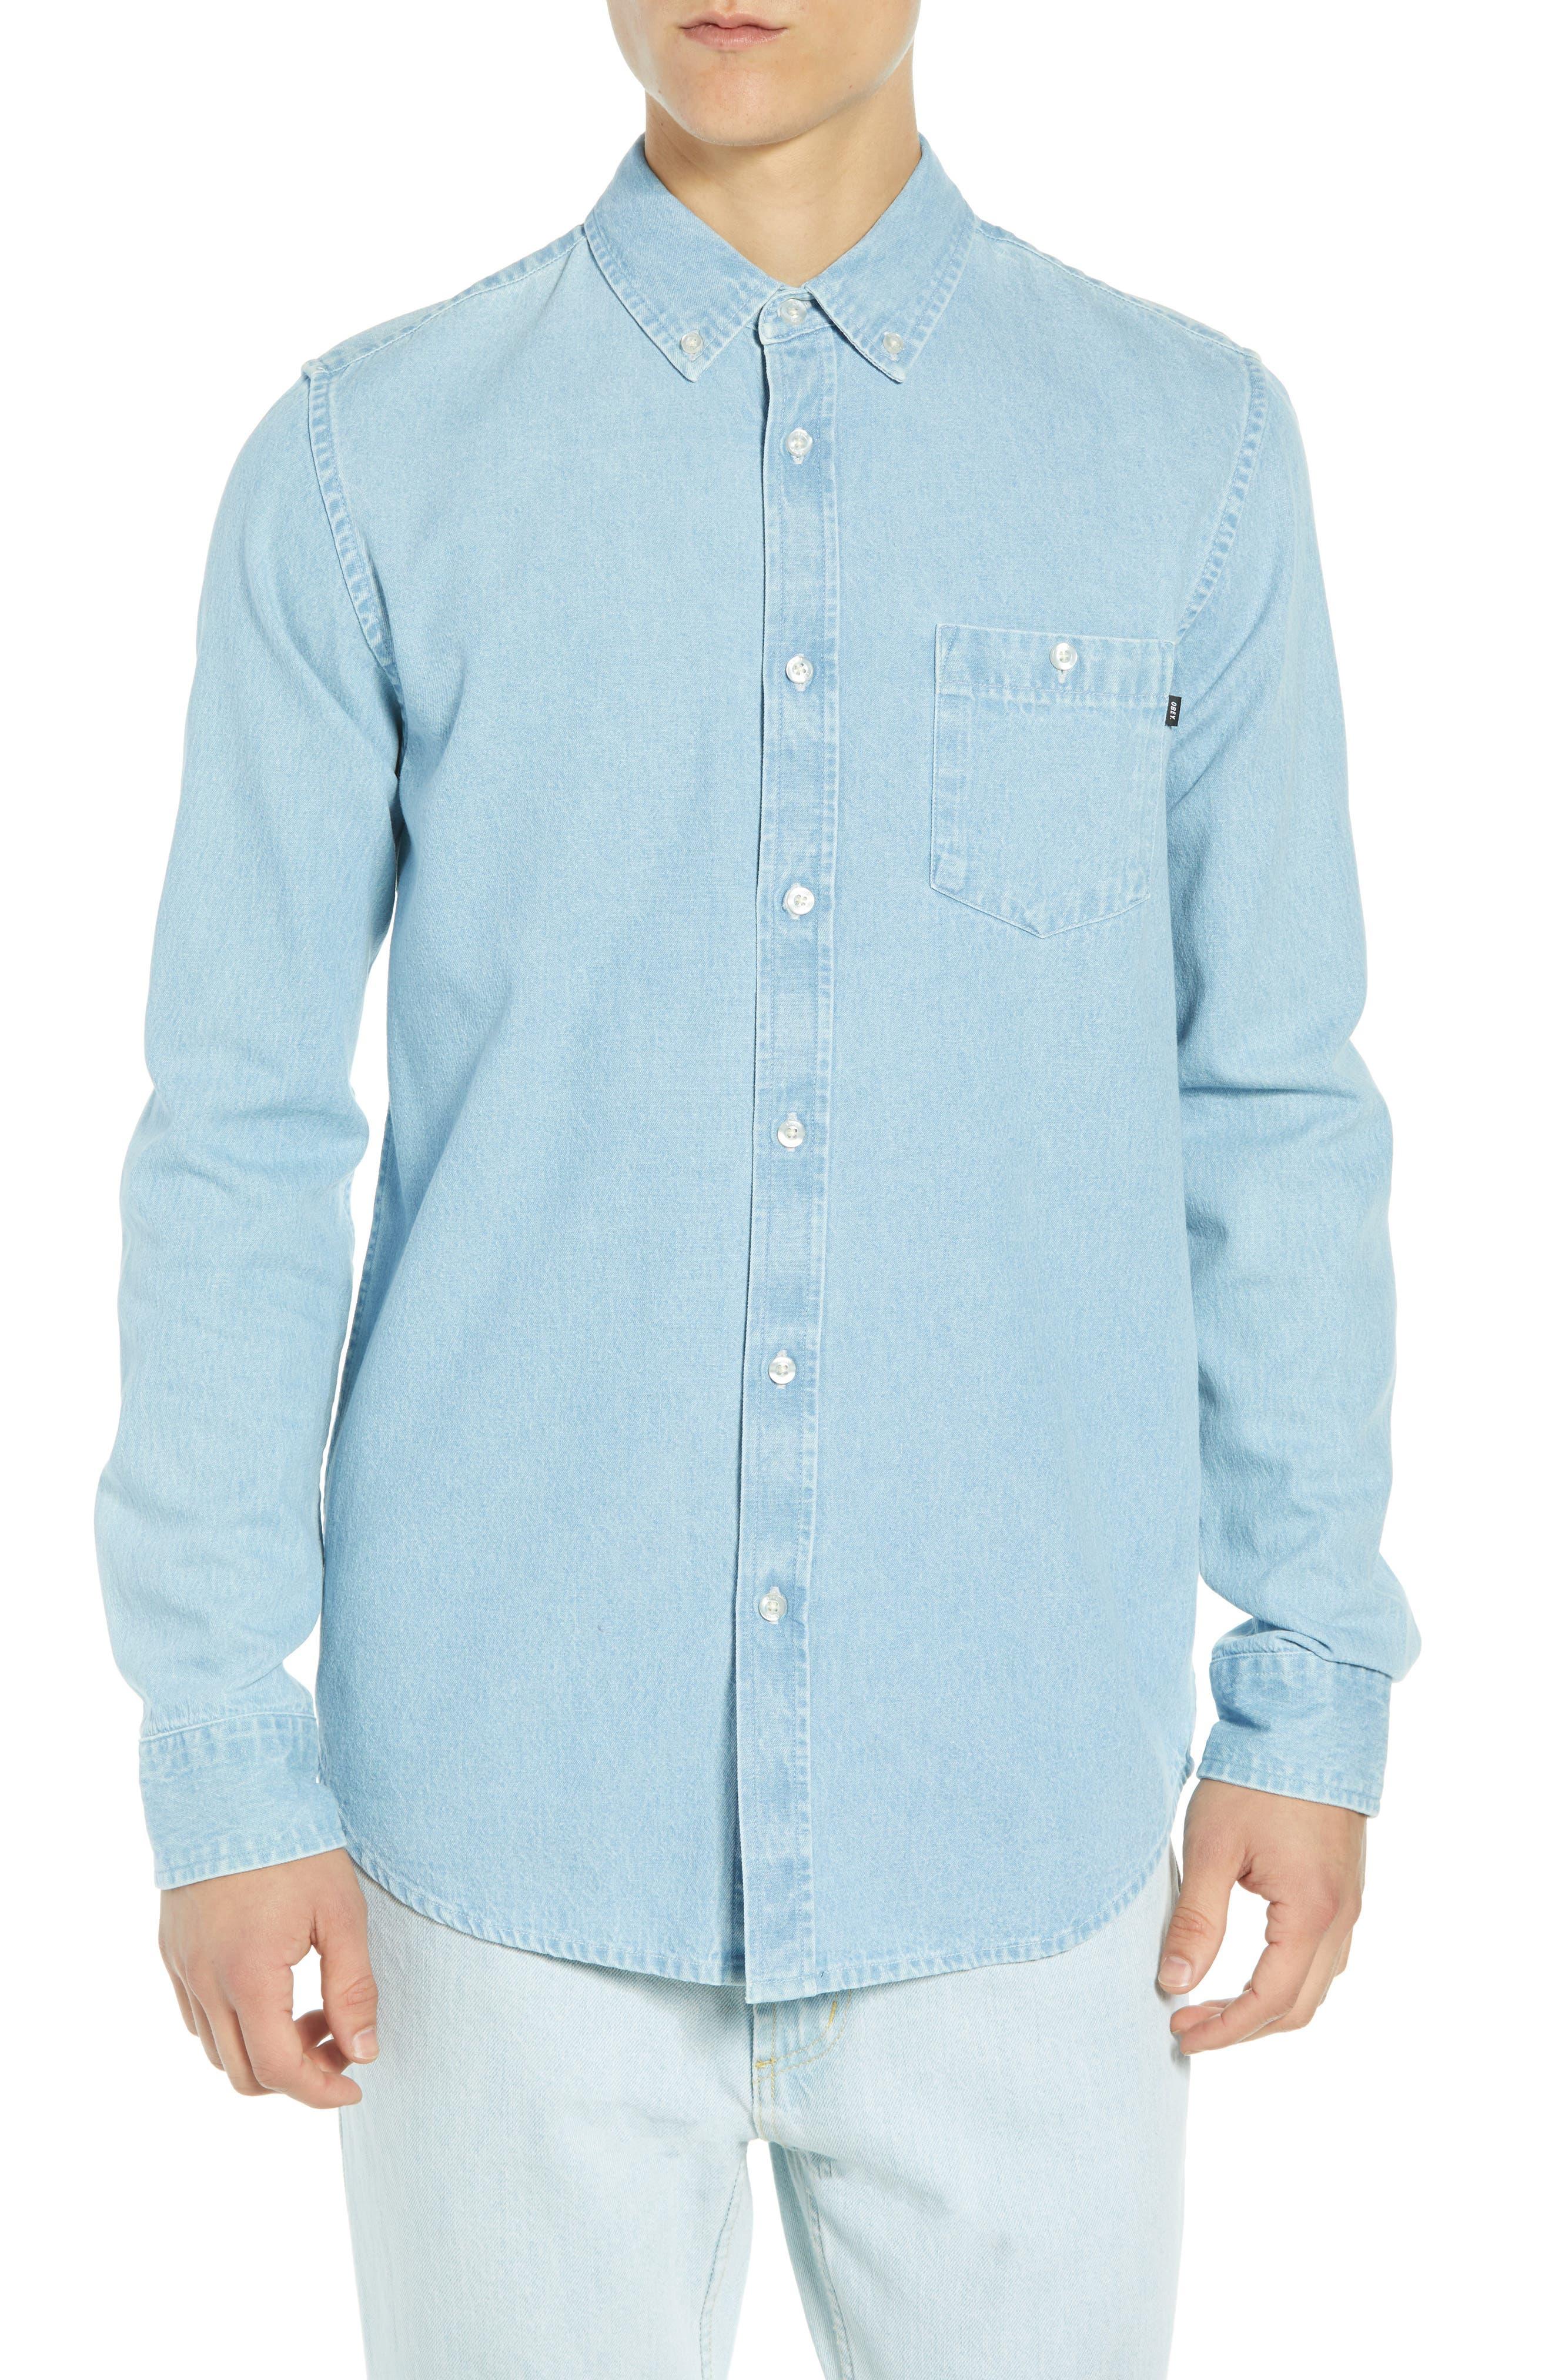 Keble Chambray Shirt,                             Main thumbnail 1, color,                             BLUE